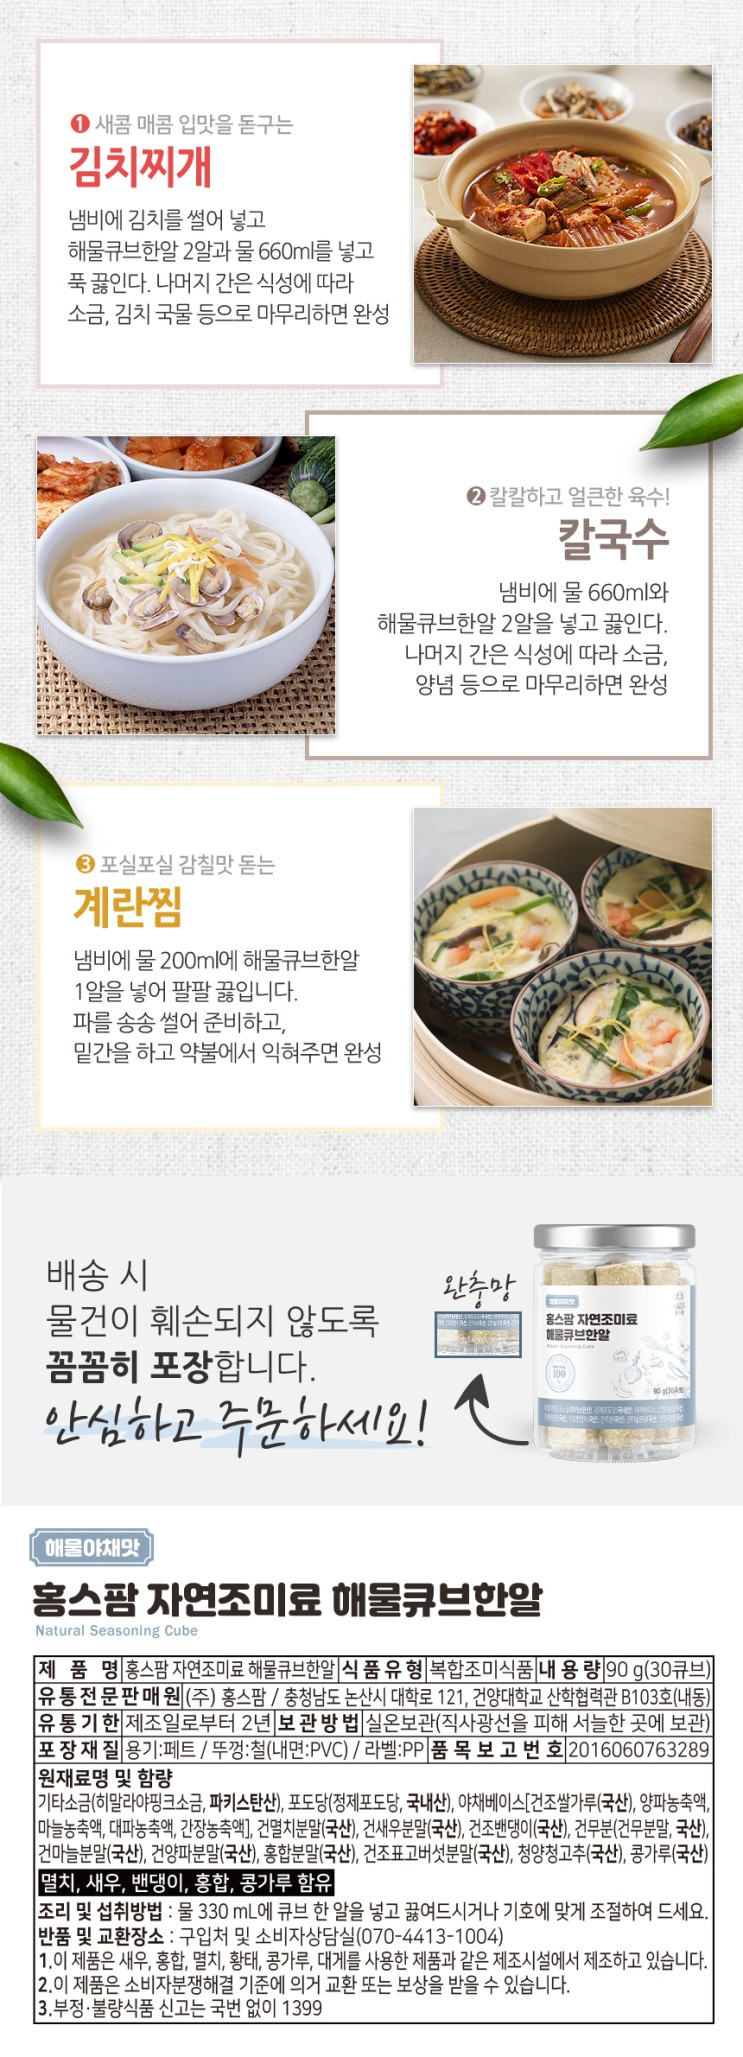 요린이도 쉽게~ 해물육수를 만들 수 있는 방법 (feat. 홍스팜 자연조미료 해물큐브 한알)